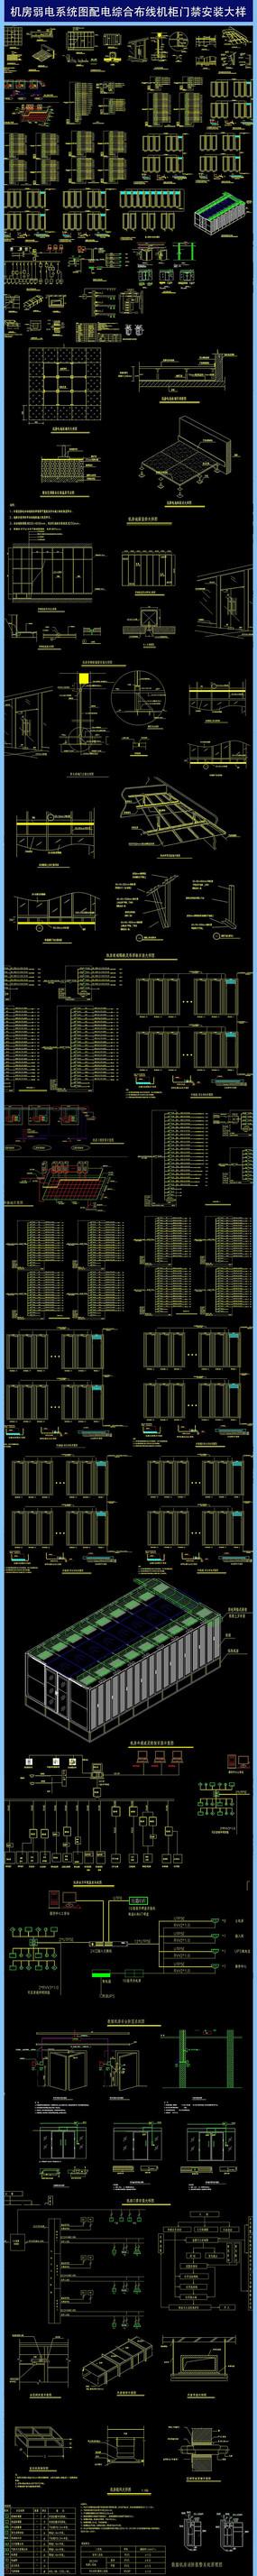 机房弱电系统图cad配电布线机柜门禁安装